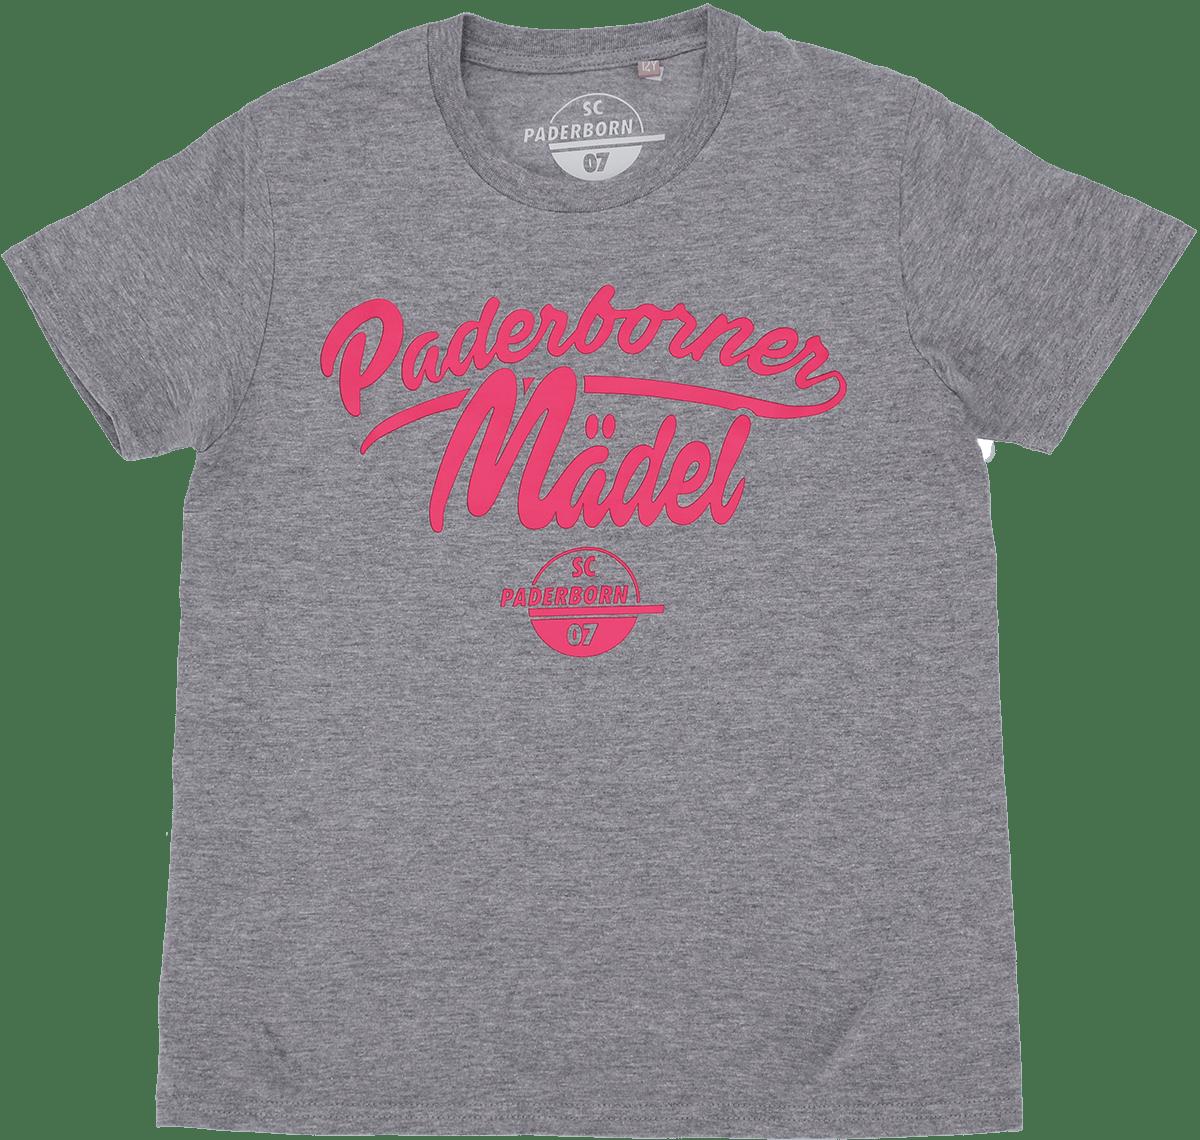 Kinder-Shirt Paderborner Mädel